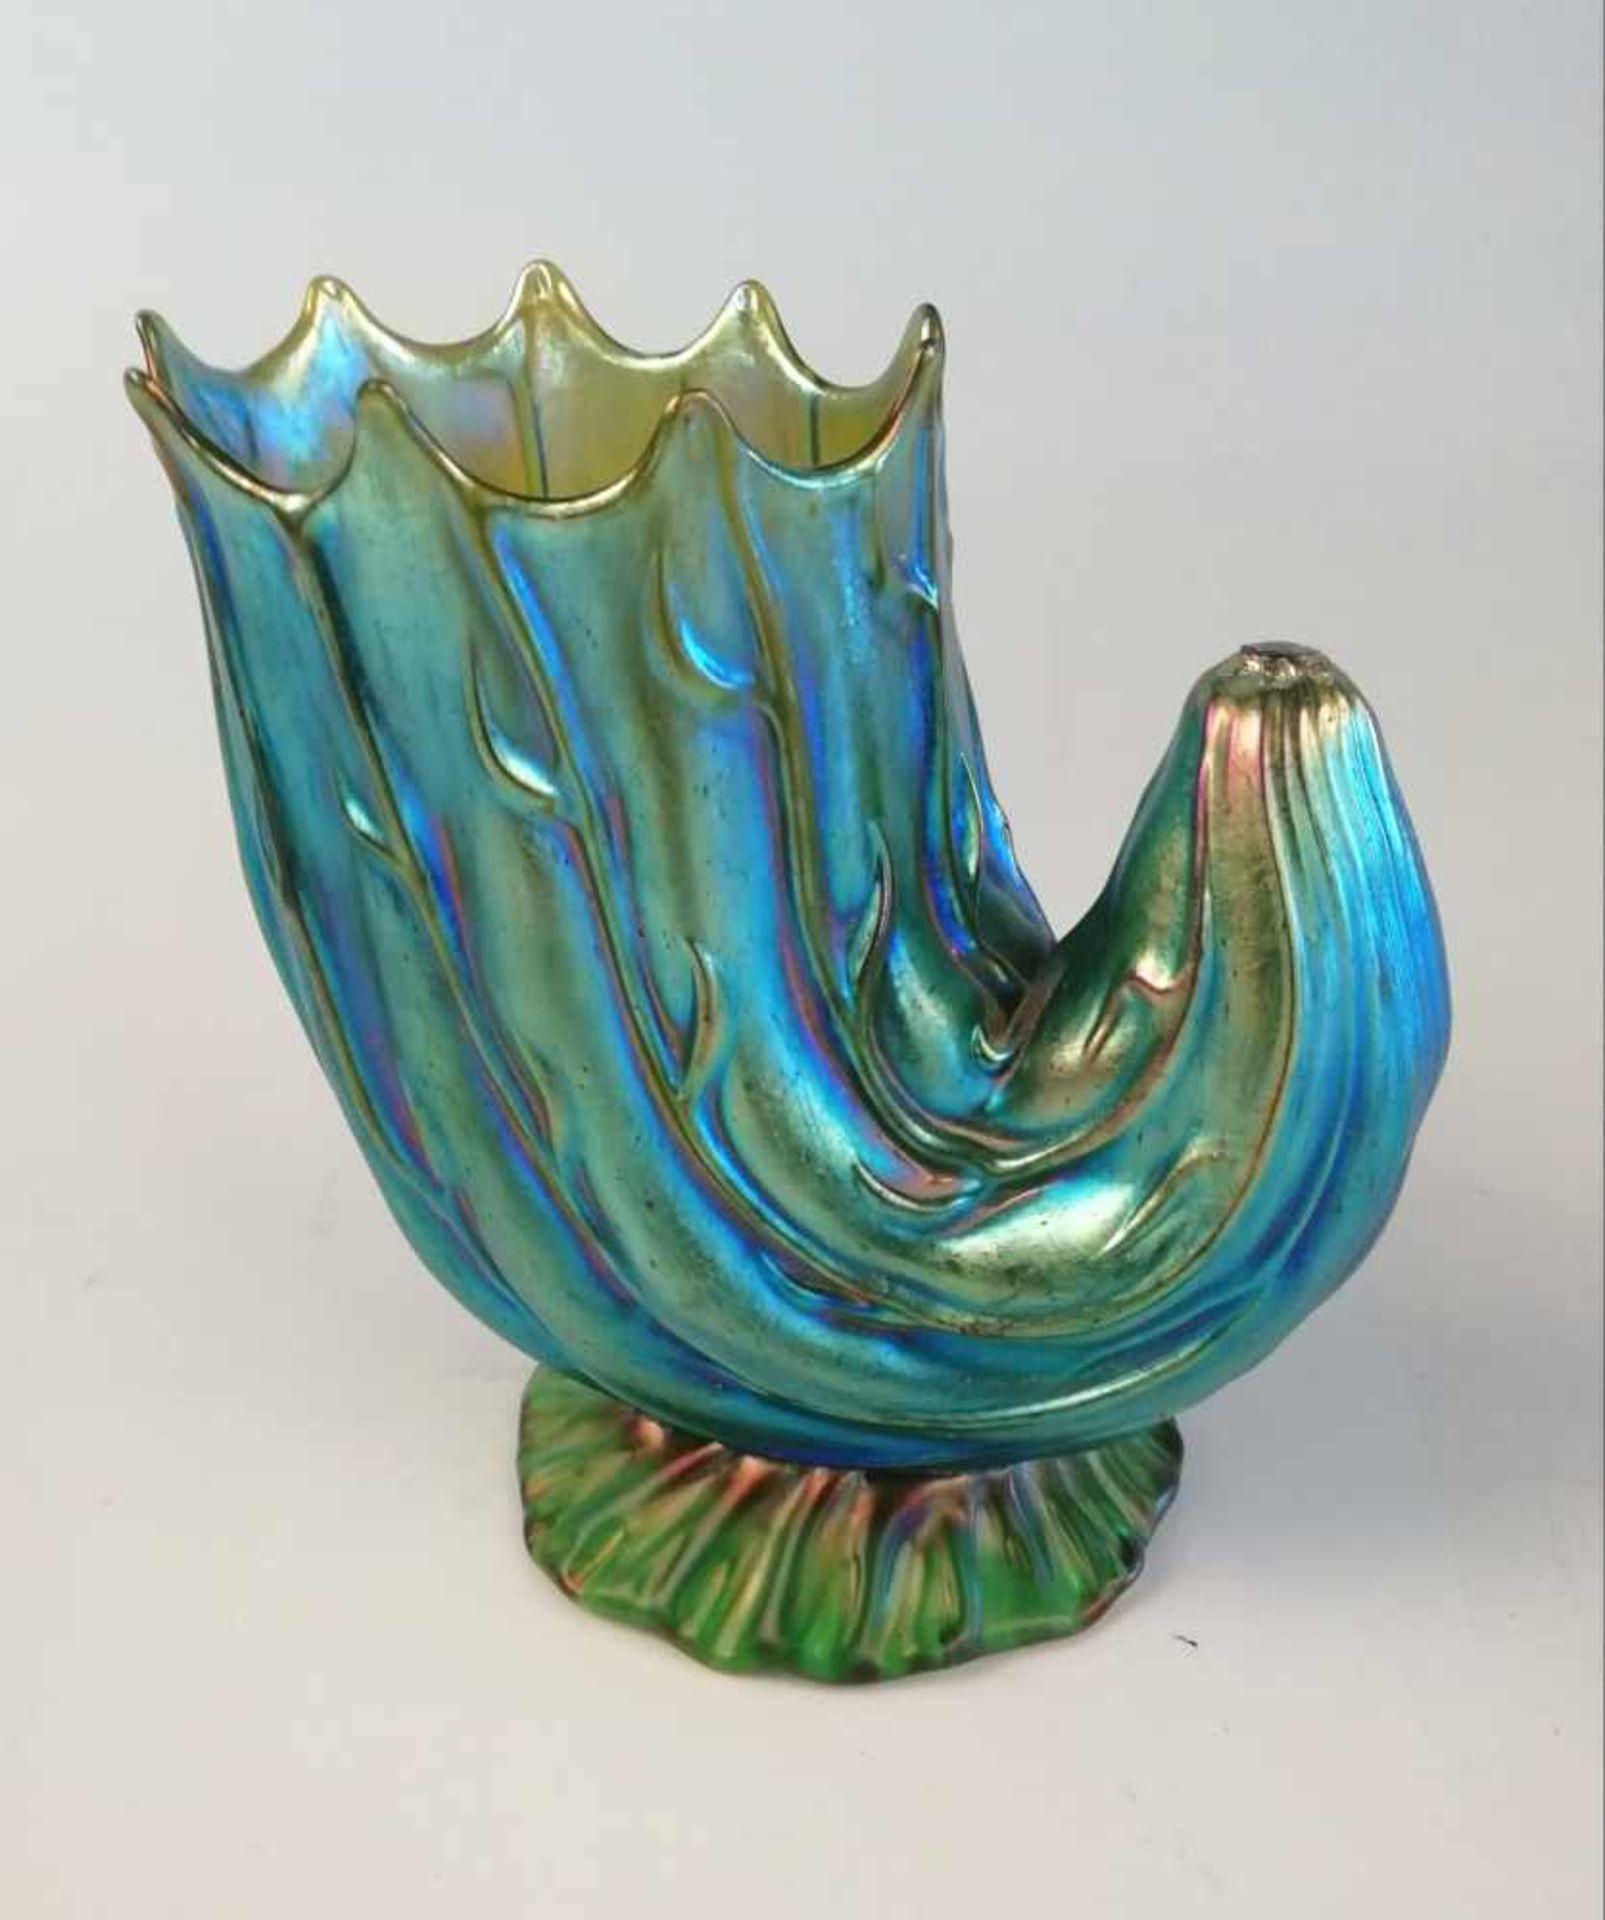 Los 45 - Jugendstilvase BöhmenMuschelform, stilisiert, grünes handverarbeitetes Glas. reliefiert,